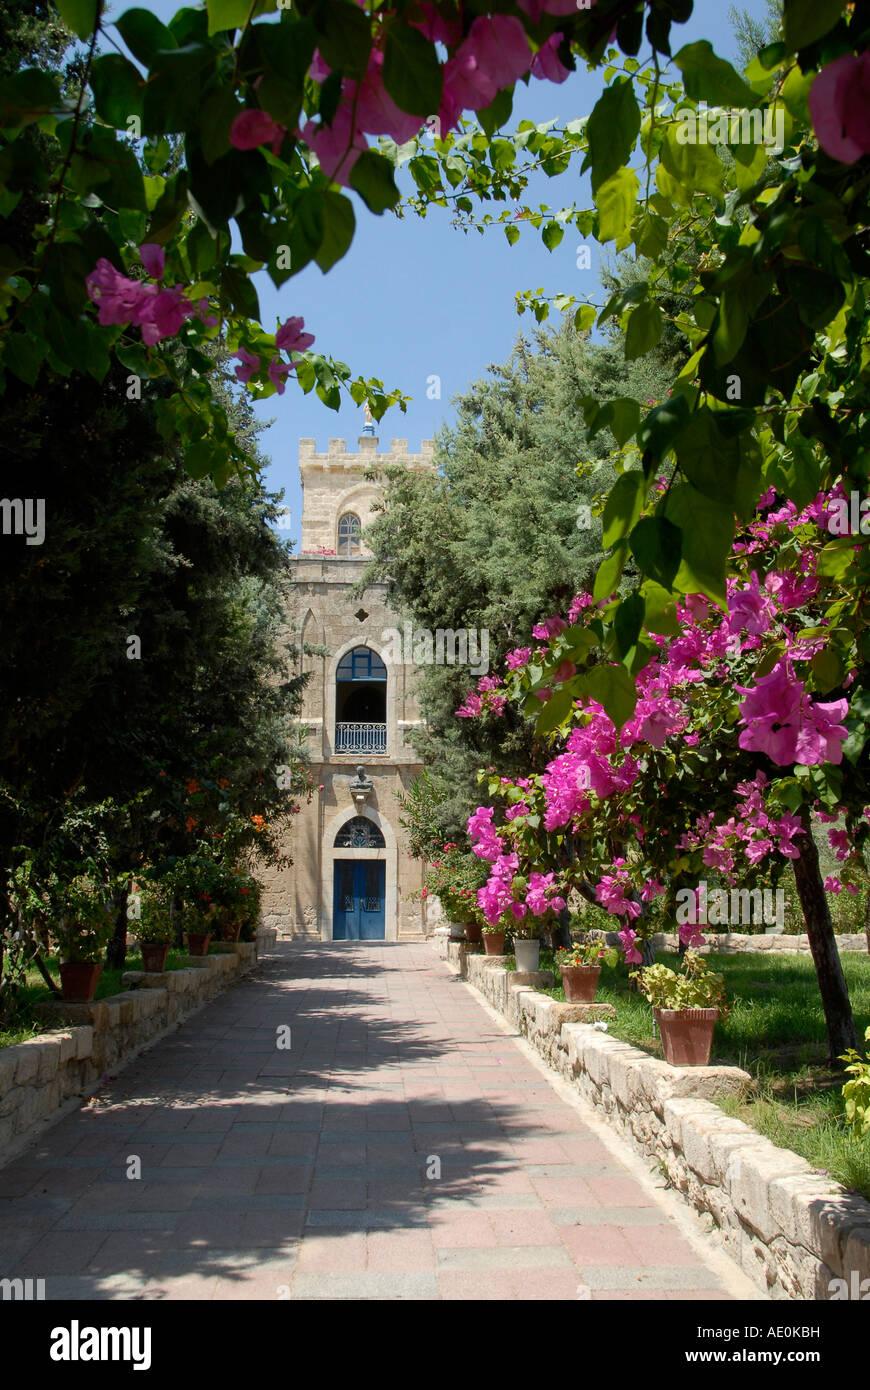 Beit Jimal (Bet Gamal) monastery in Israel - Stock Image